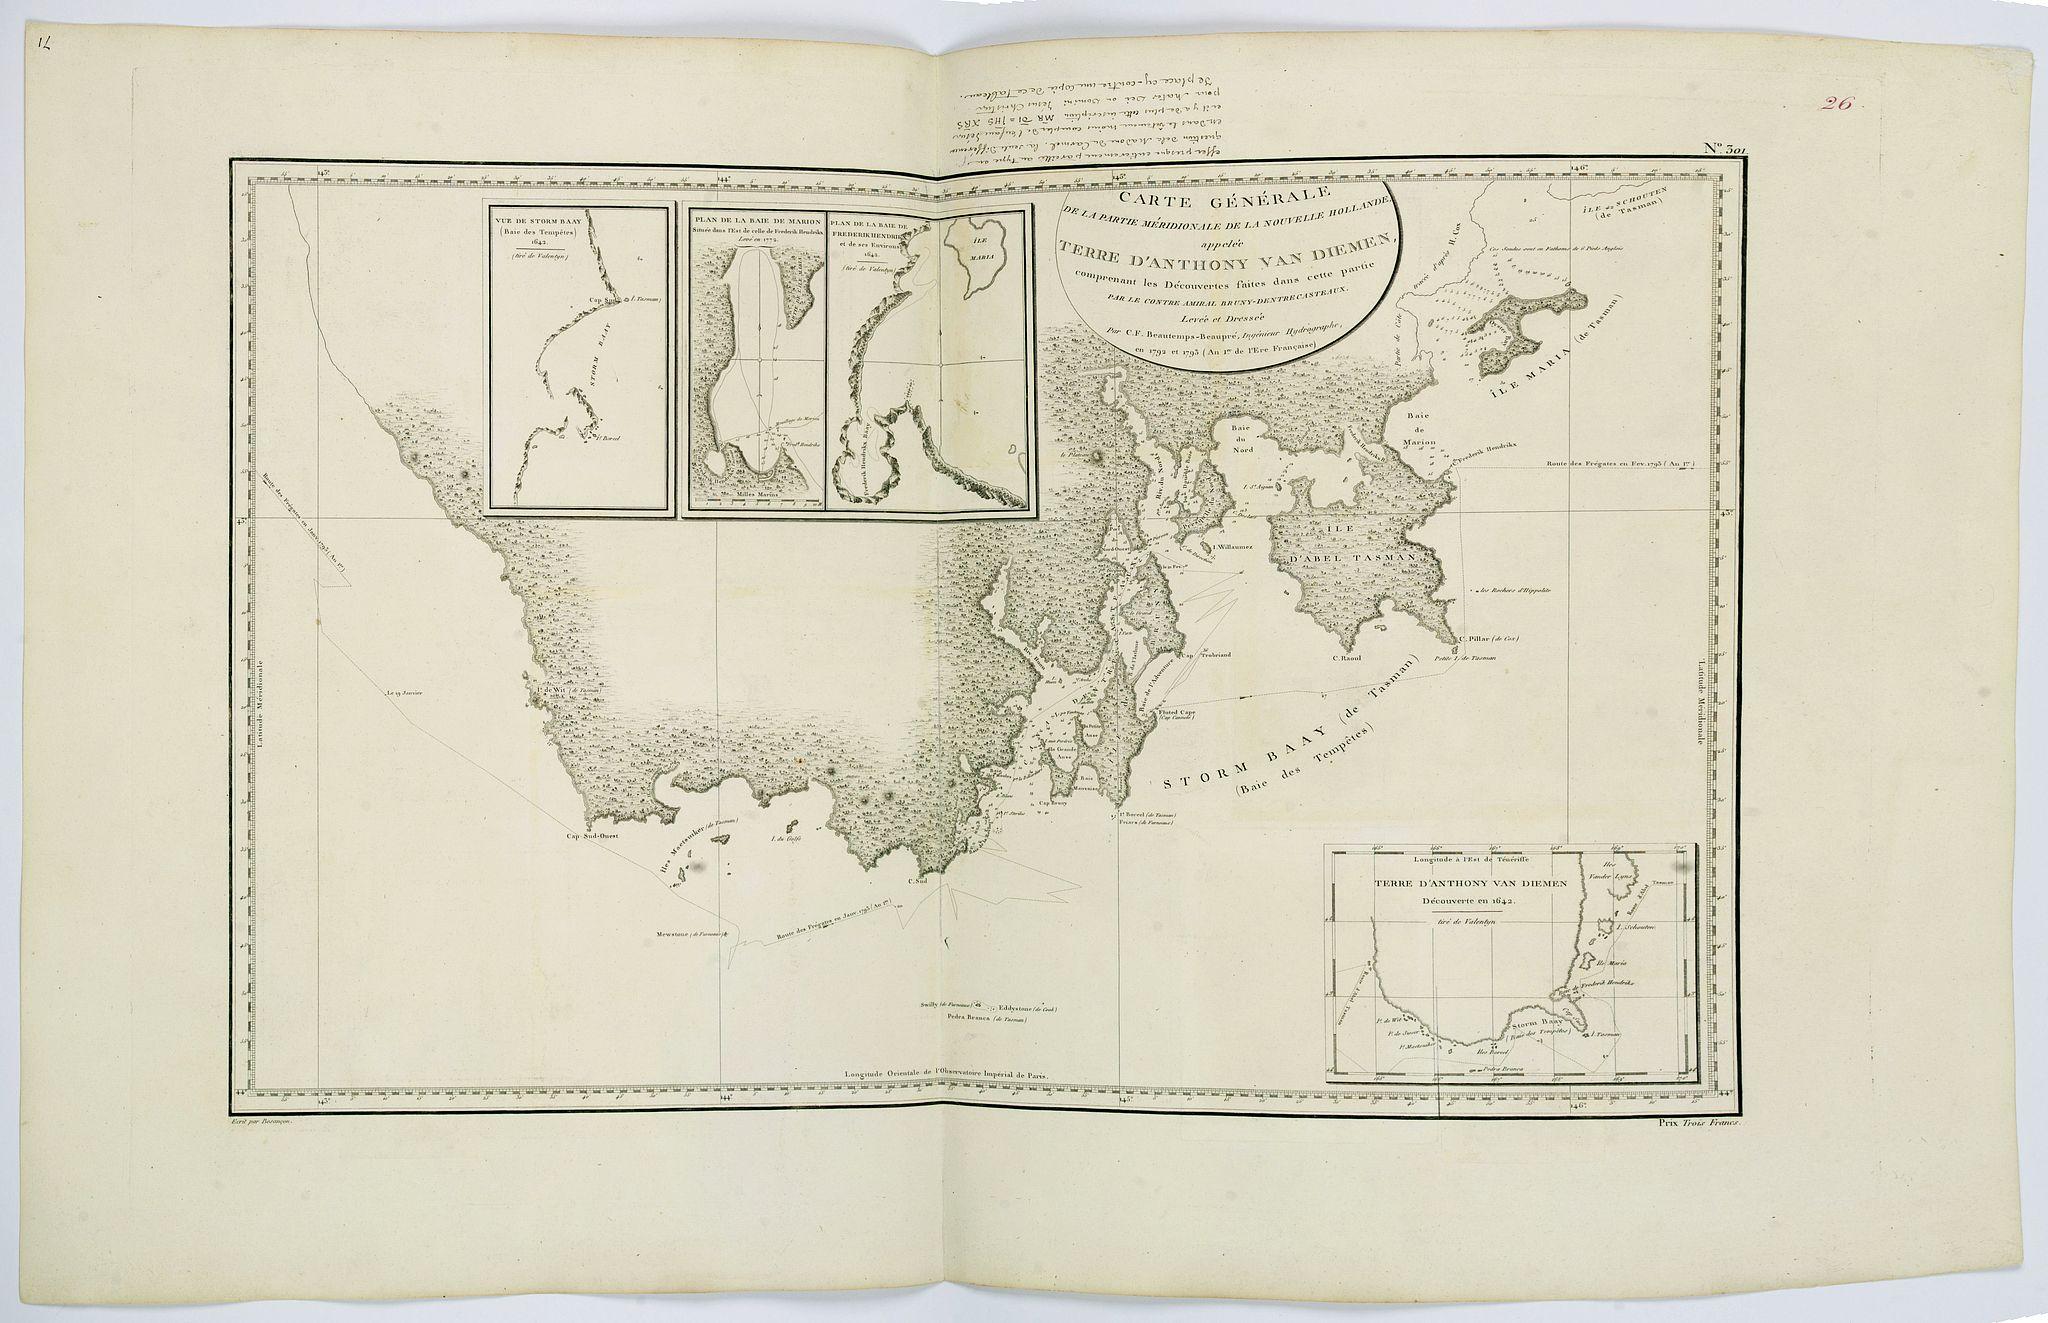 BEAUTEMPS-BEAUPRE, C.F. -  Carte Generale de la partie Meridionale de la Nouvelle Hollande. . .Terre D'Anthony van Diemen. . .